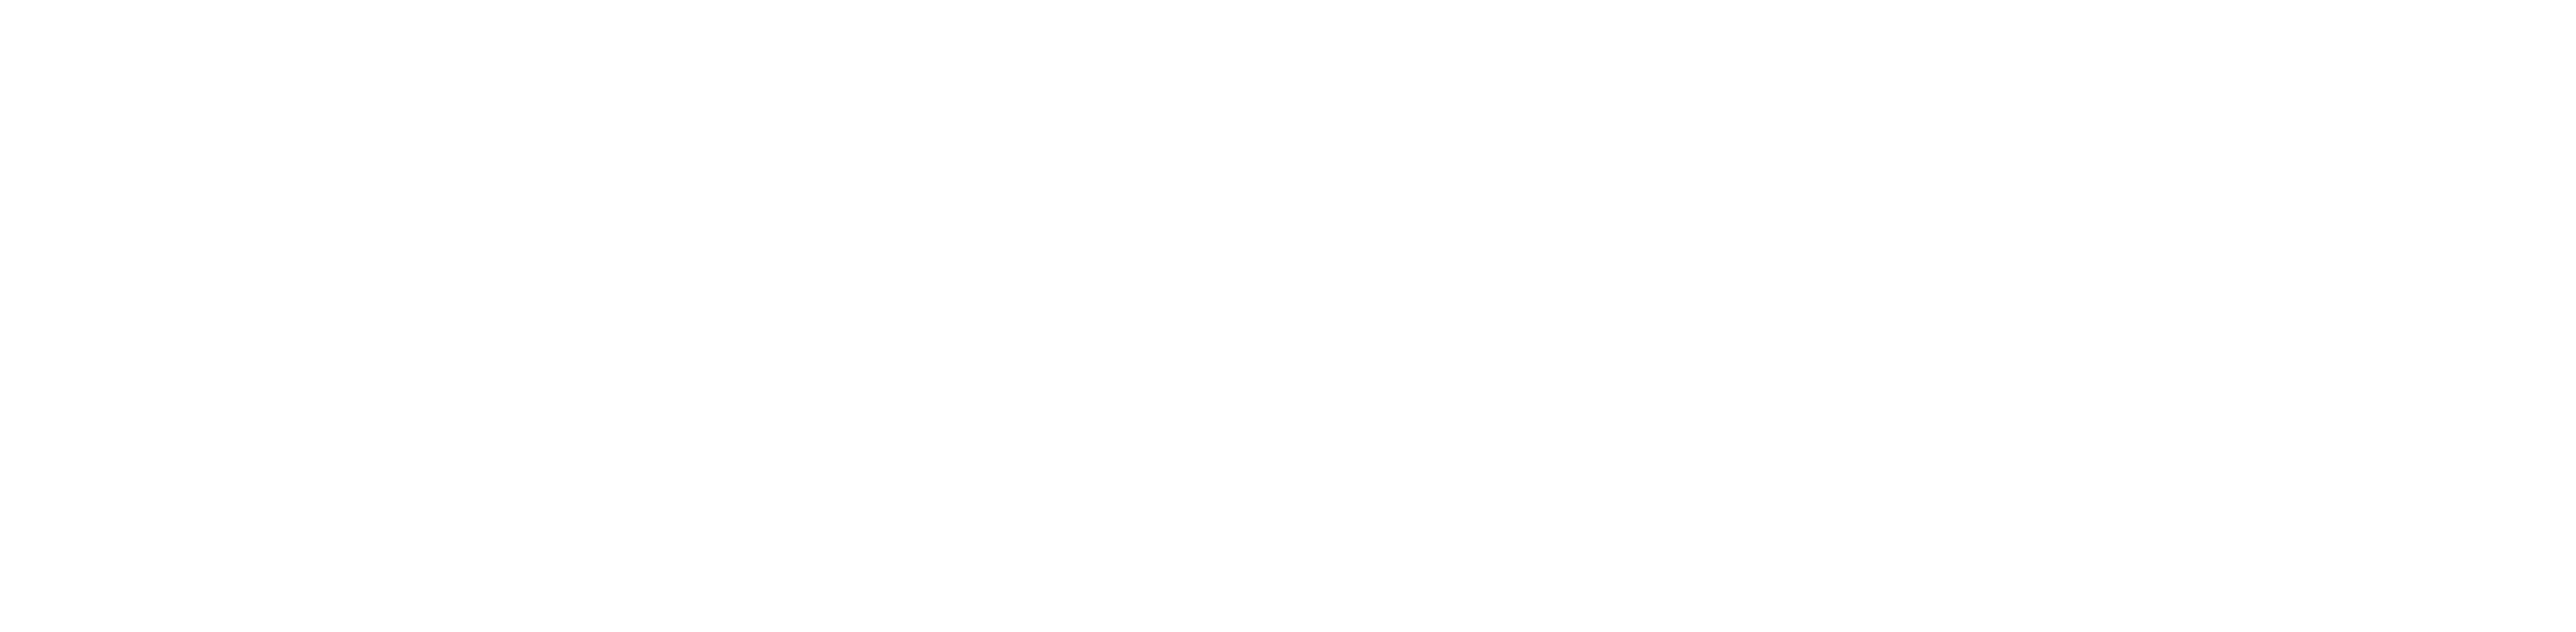 image_init-medi-fina-iso